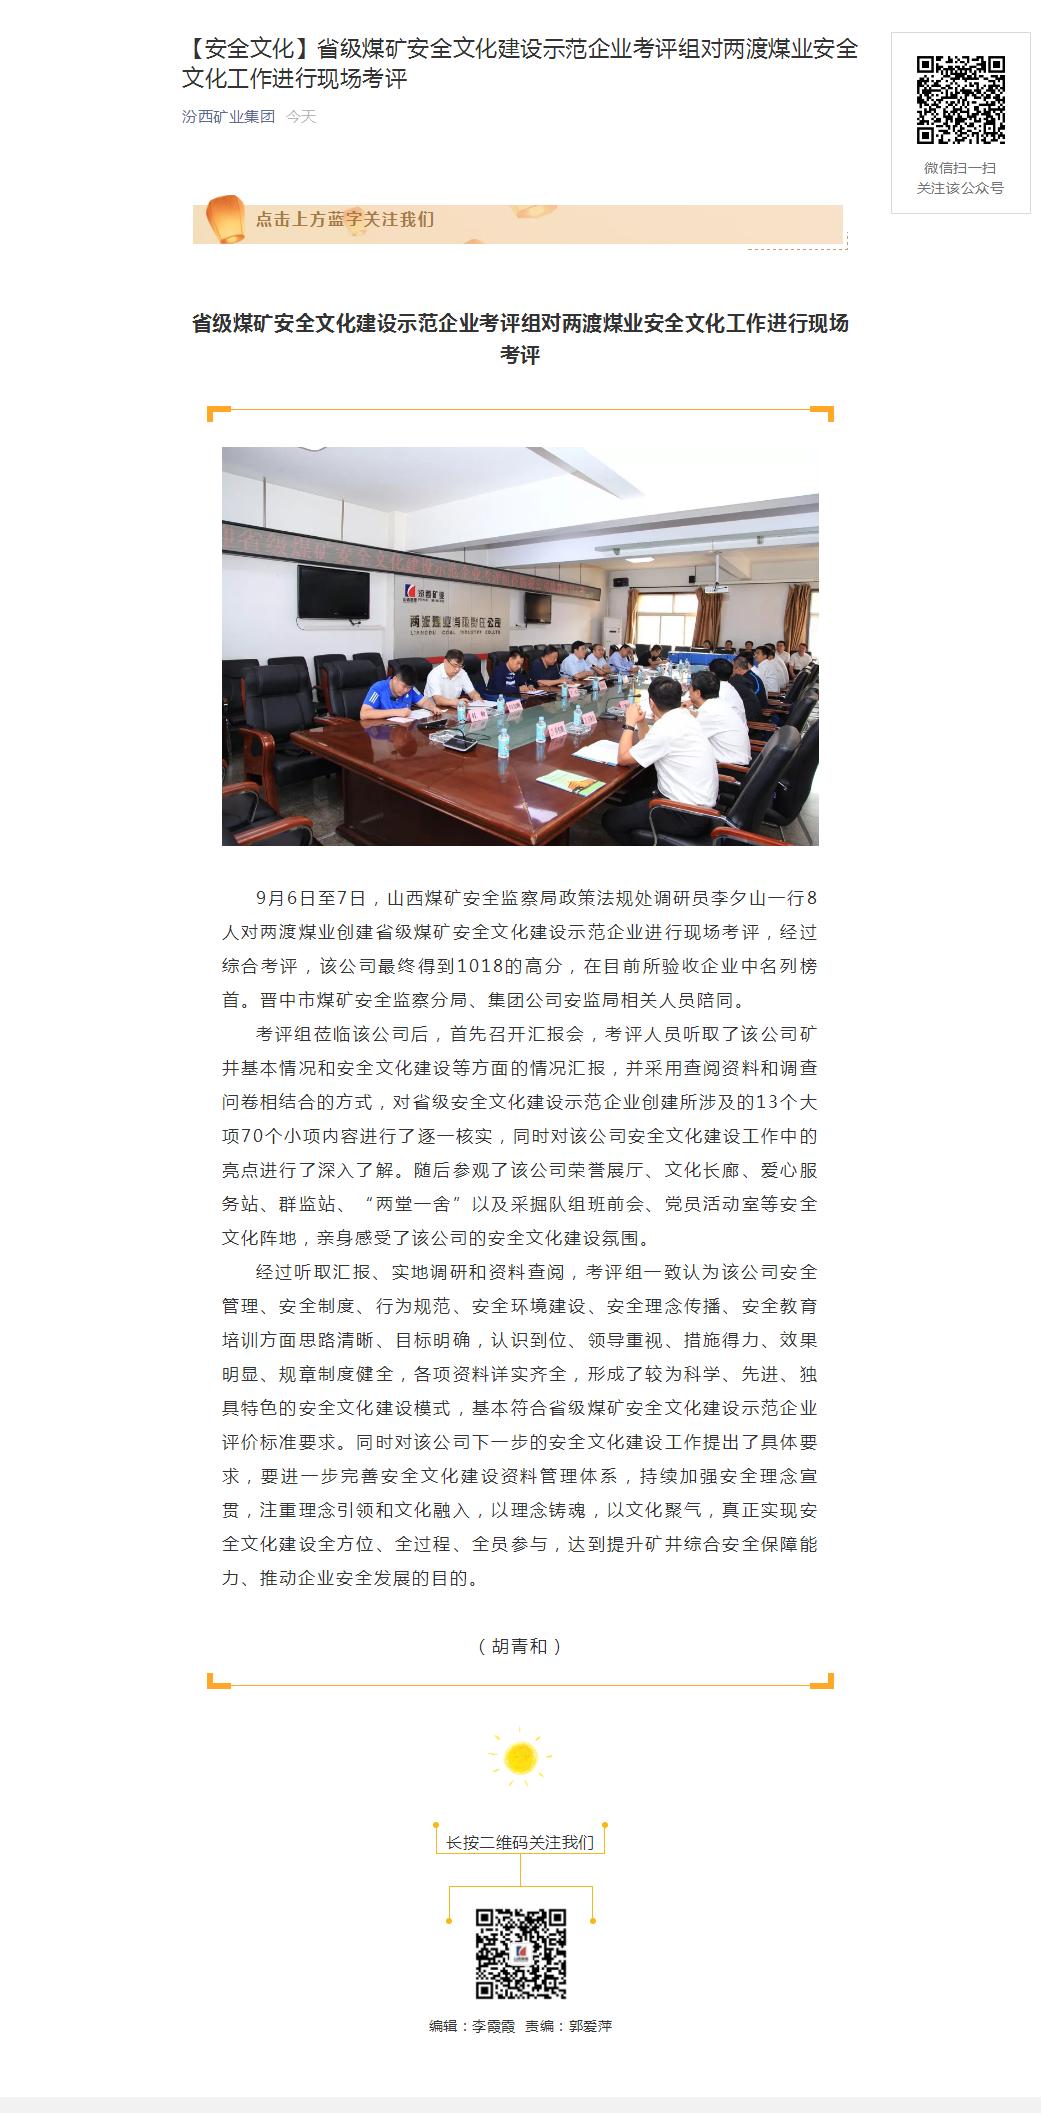 【安全文化】省級煤礦安全文化建設示範企業考評組對兩渡煤業安全文化工作進行現場考評.png